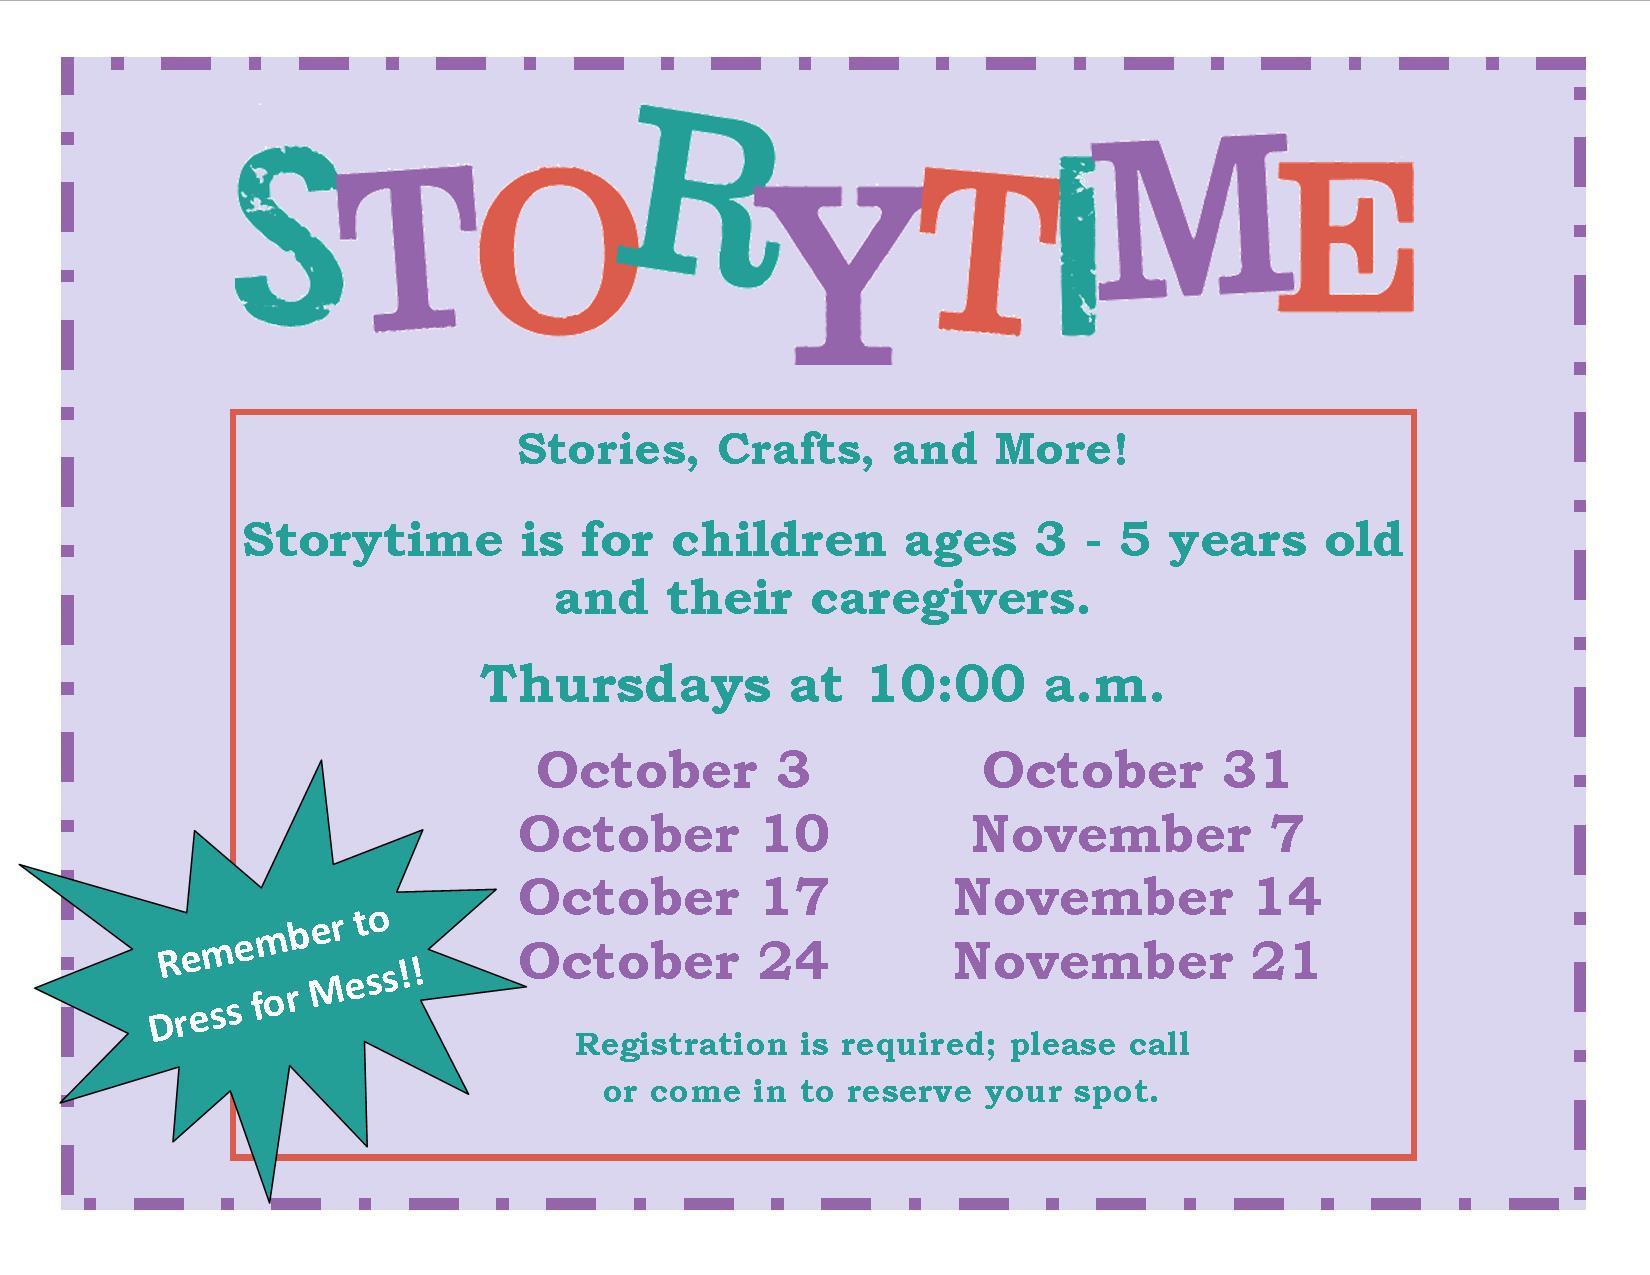 September 2019 Storytime Fall 2019.jpg